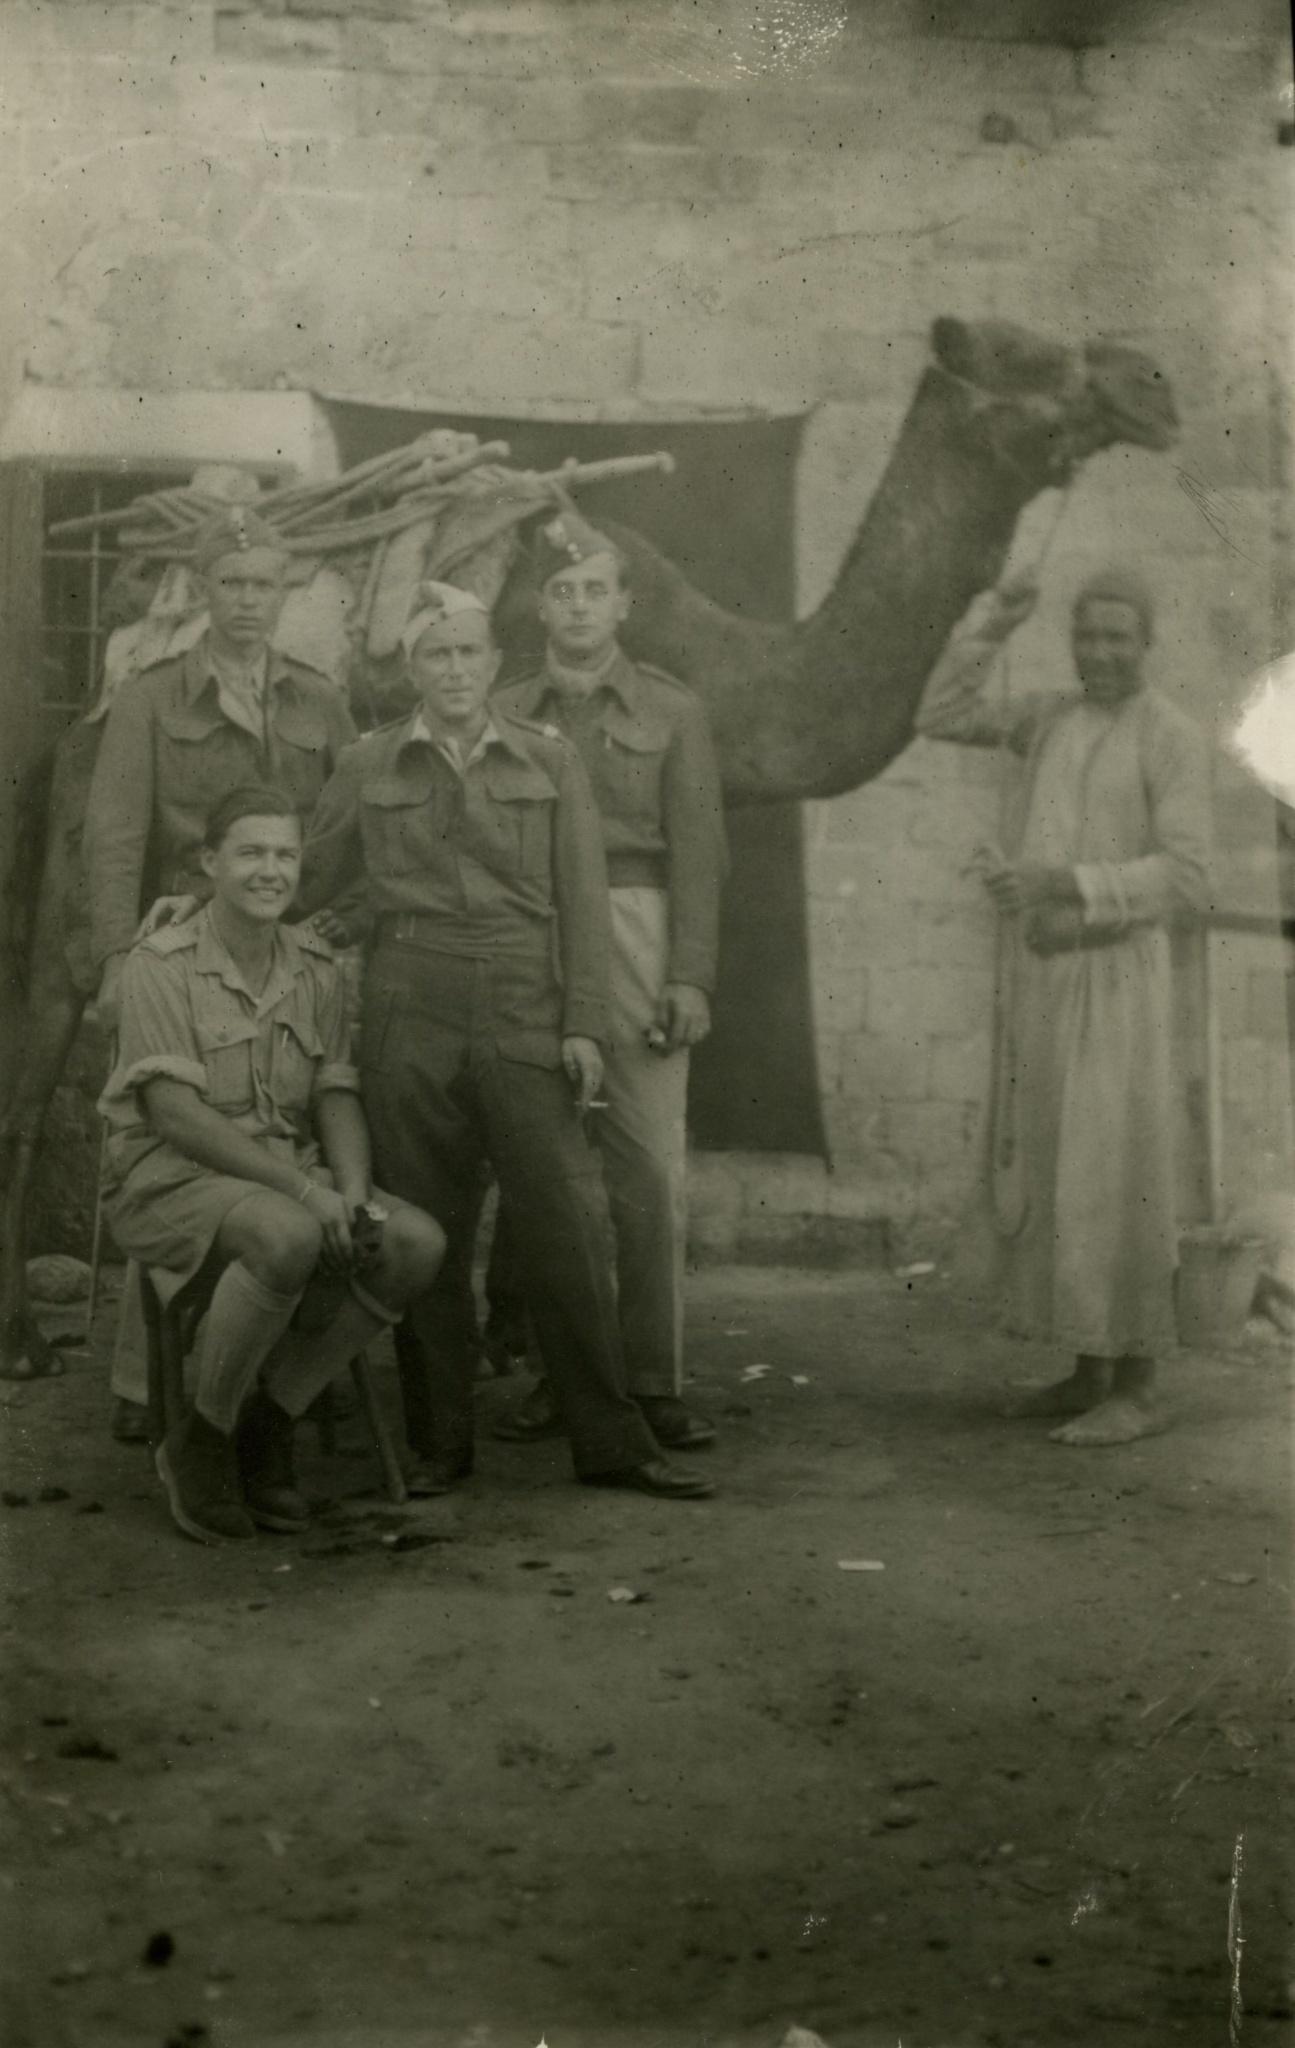 <div class='inner-box'><div class='close-desc'></div><span class='opis'><p>Jerzy Giedroyc (czwarty od lewej) z nierozpoznanymi towarzyszami w Gazali (Ajn al-Ghazala) we wschodniej Libii.&nbsp;Prawdopodobnie 24 października 1942 r. fot. N.N. patrz też dedykacje na rewersie - sygn. fil00073b.jpg</p></span><div class='clearfix'></div><span>Cote du document FIL00073</span><div class='clearfix'></div><span>© Instytut Literacki</span></div>